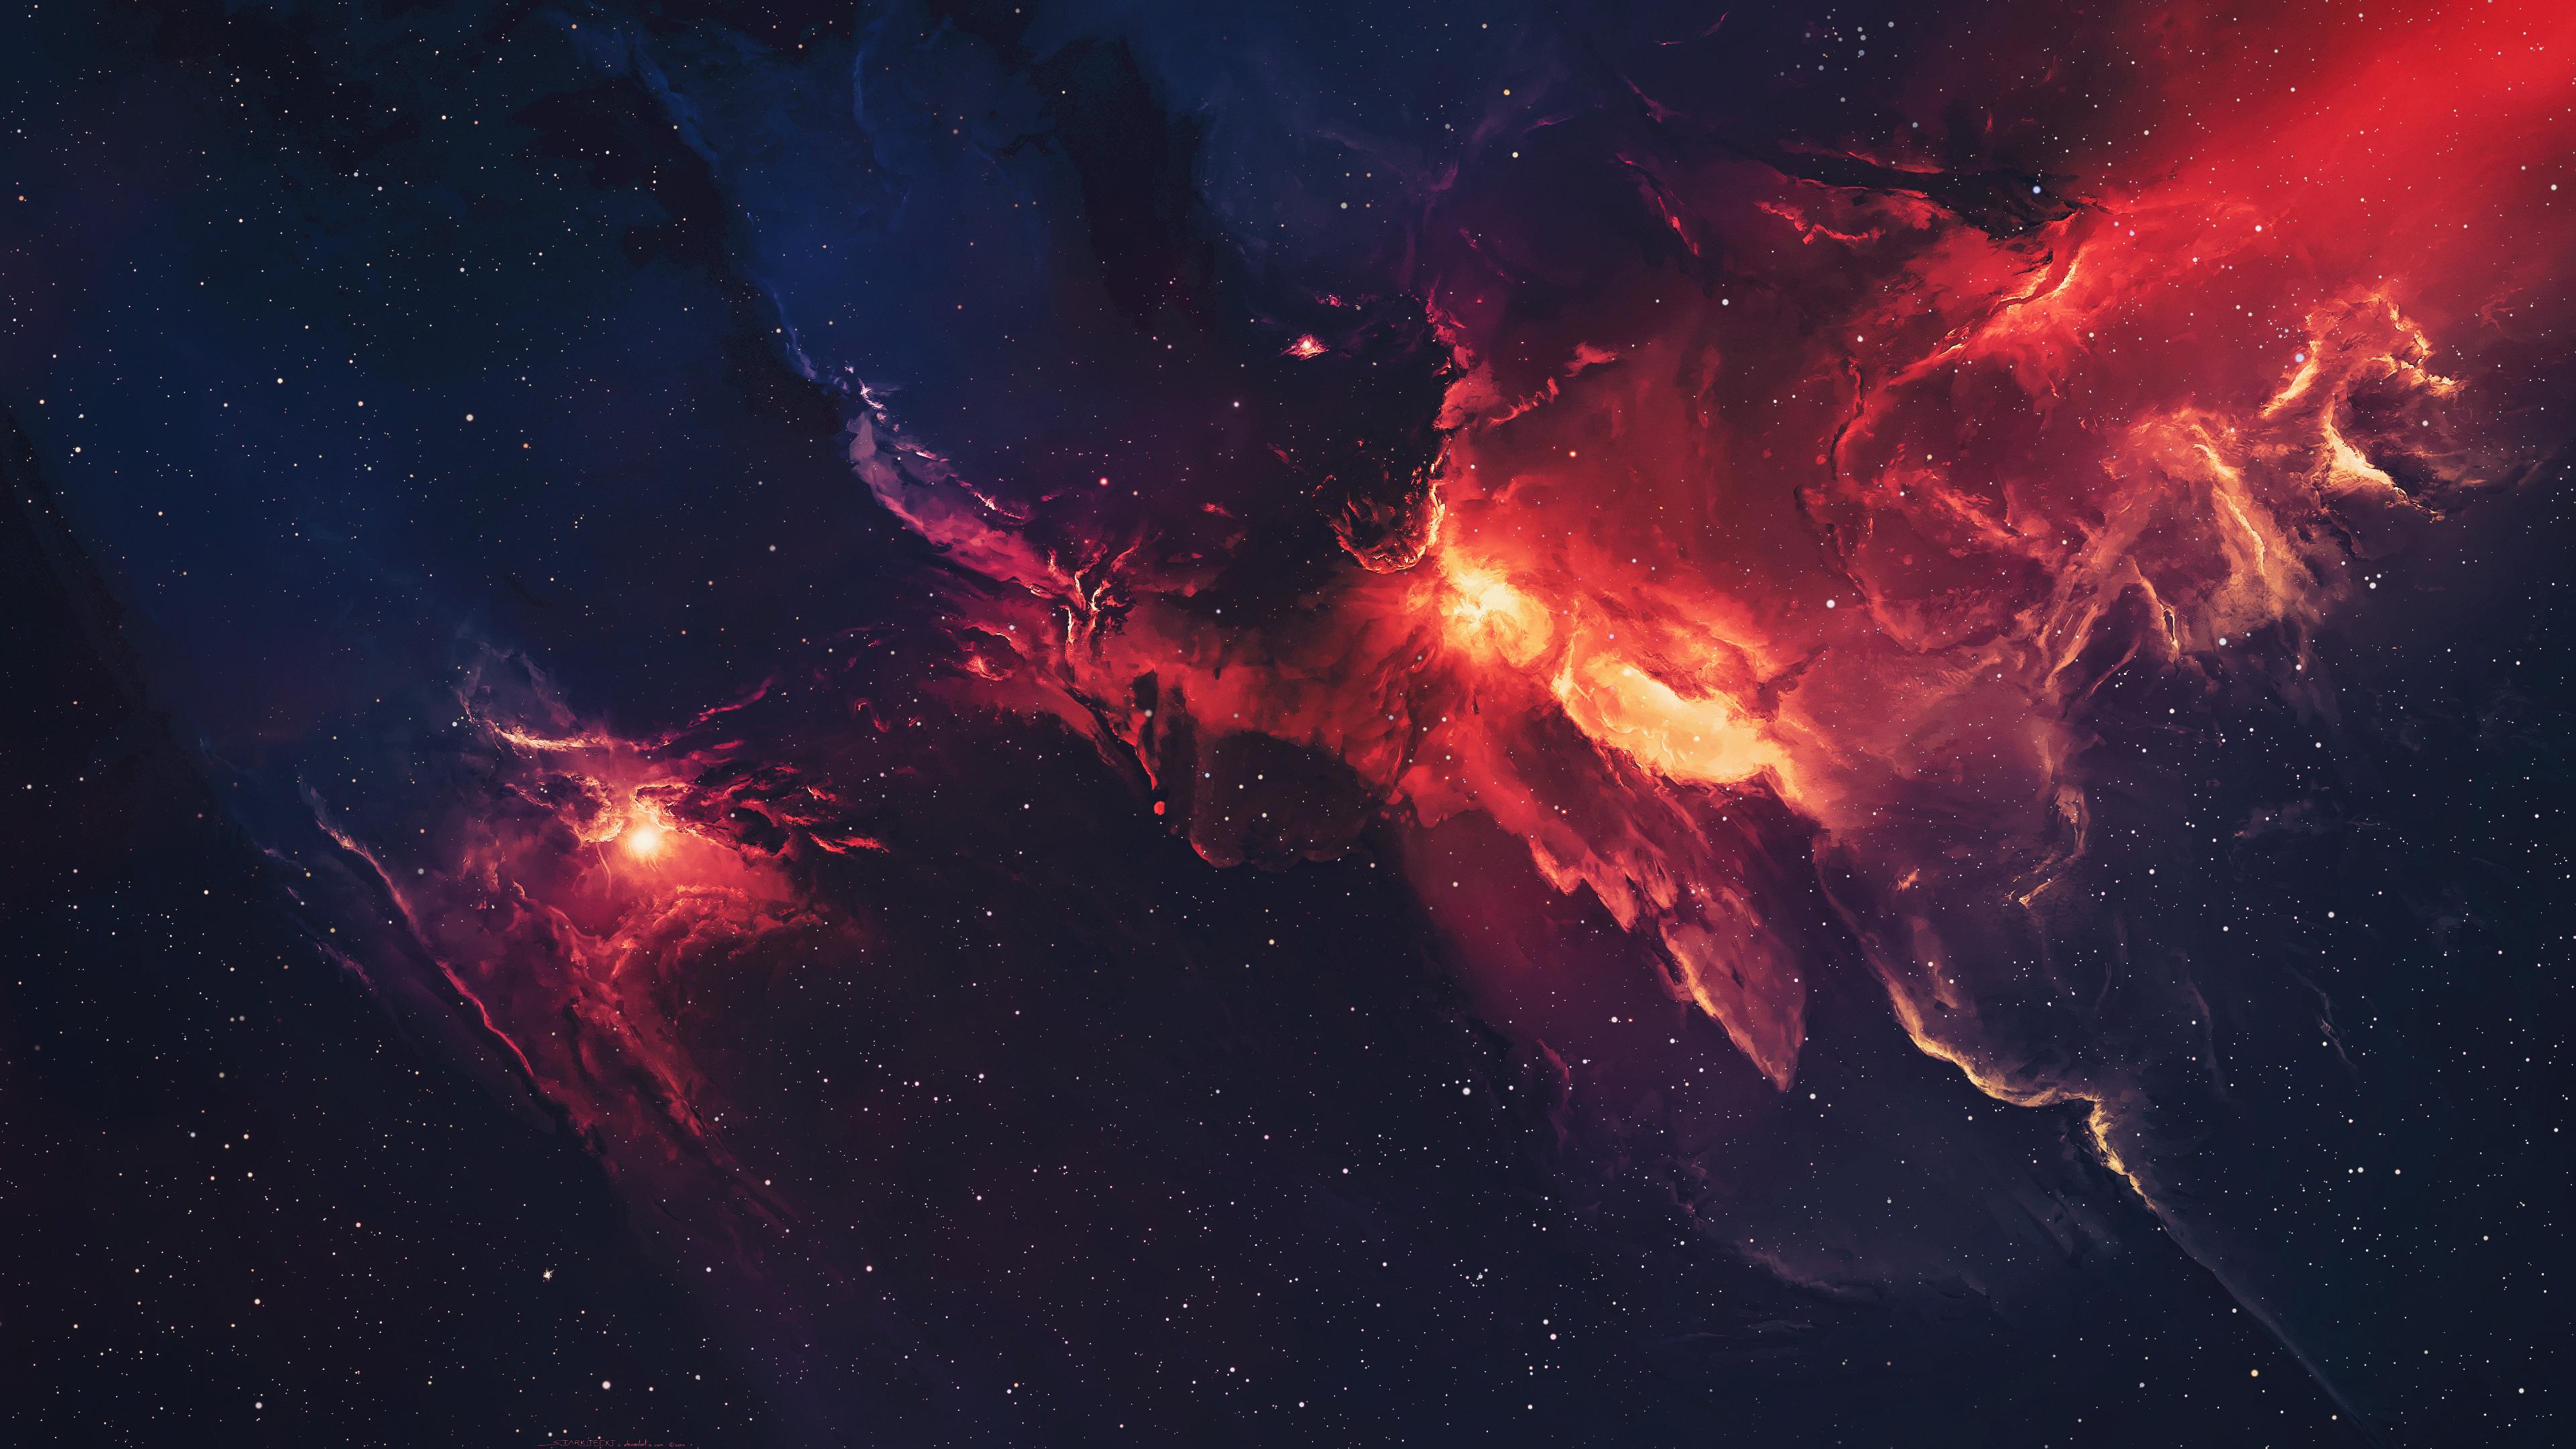 galaxy space stars universe nebula 4k qw